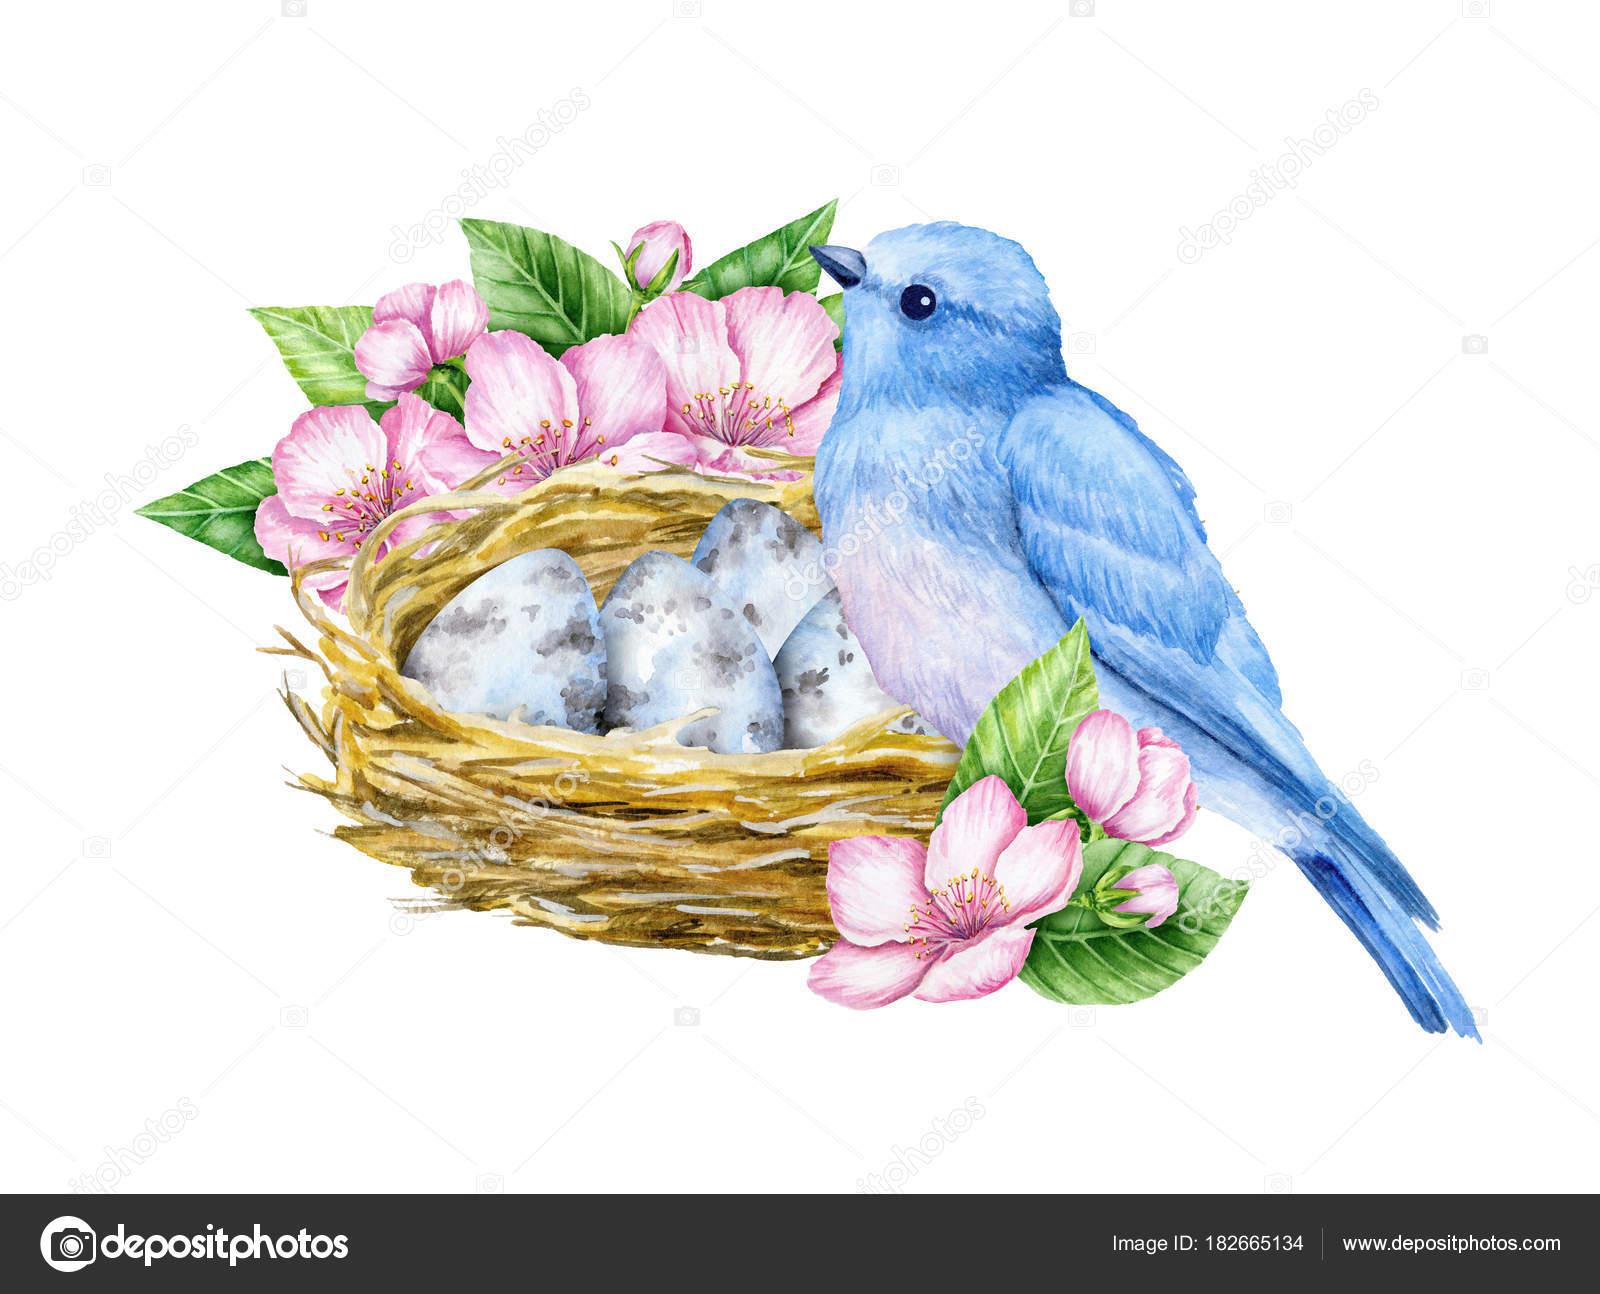 かわいい青い小鳥の巣と青い卵 水彩イラスト かわいい動物や鳥 春の